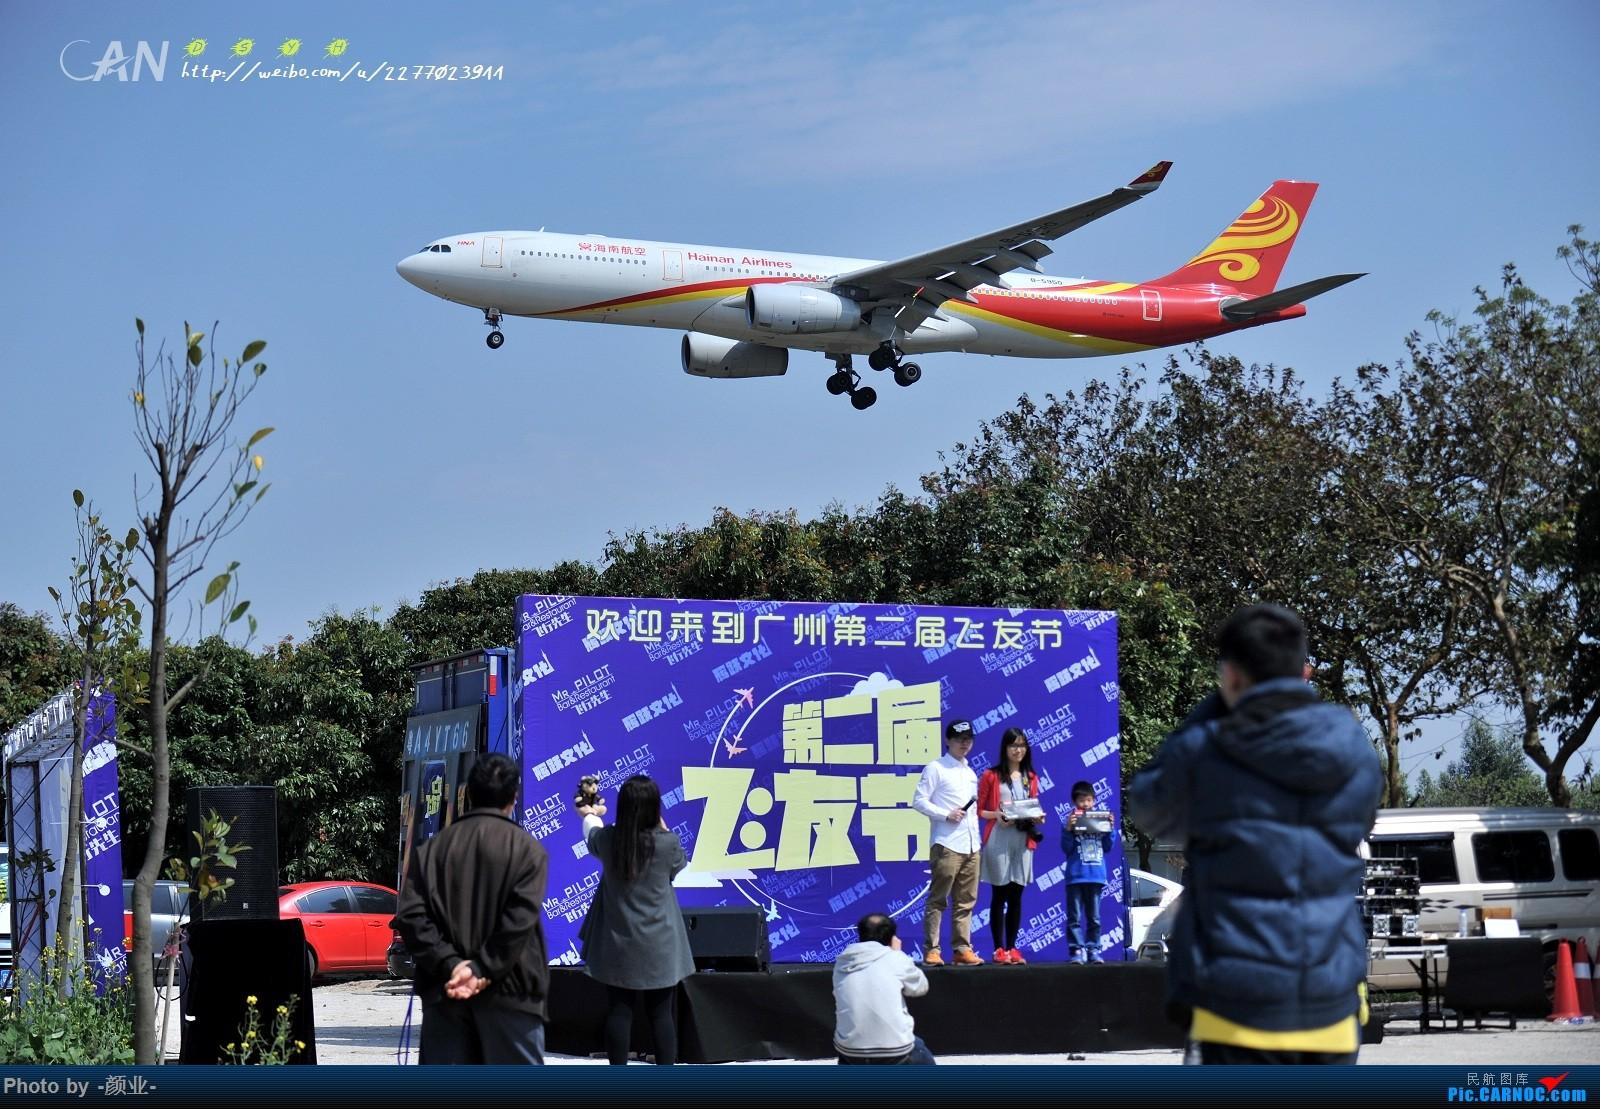 Re:[原创]2011-2016我的打灰机心情[广州] AIRBUS A330-300 B-5950 中国广州白云国际机场